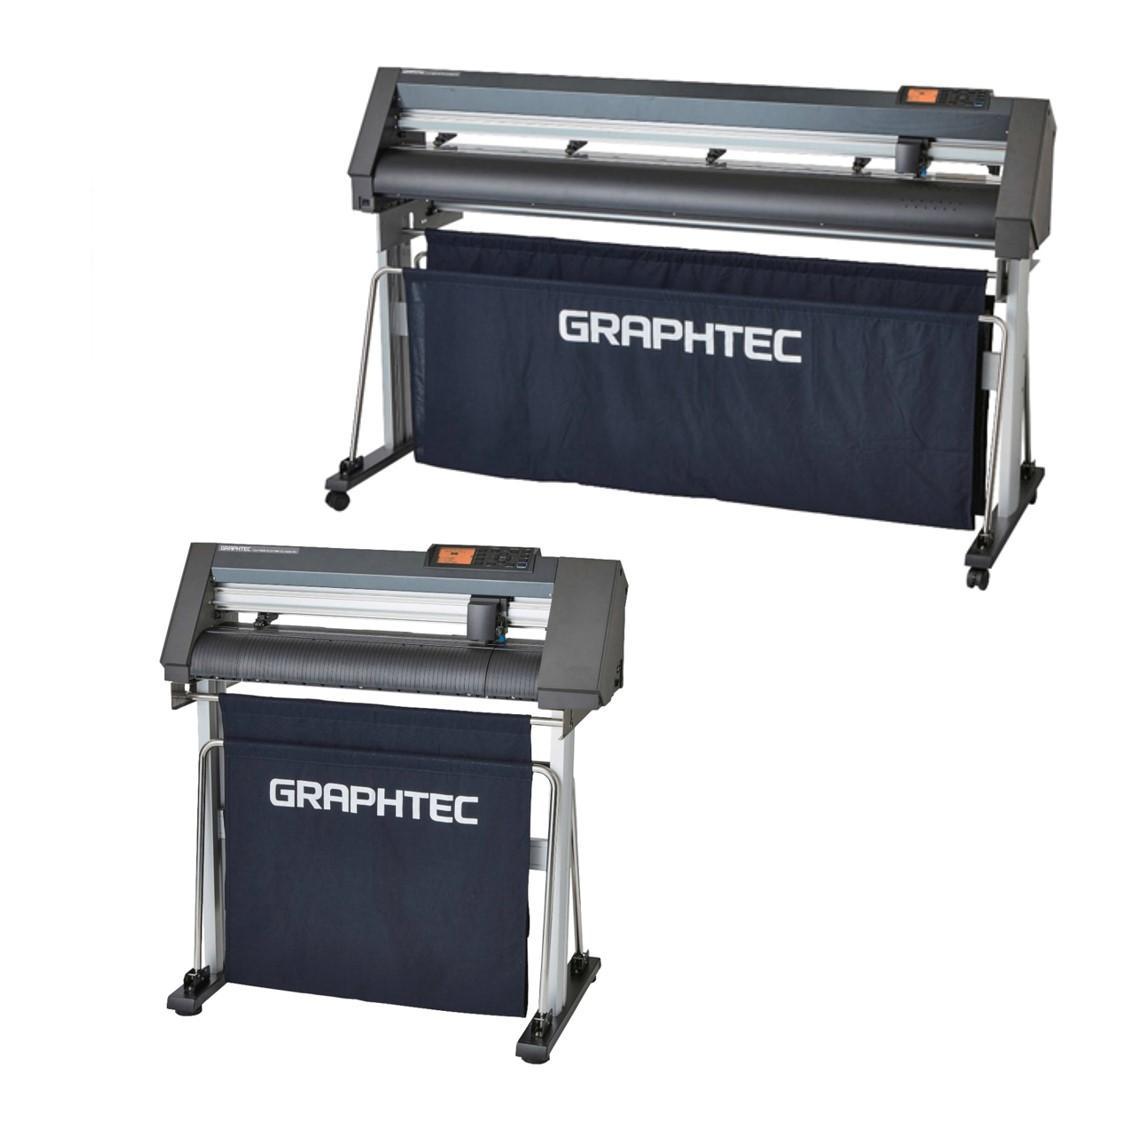 Máy cắt decal Graphtec CE7000 - 60 - Hàng Chính hãng